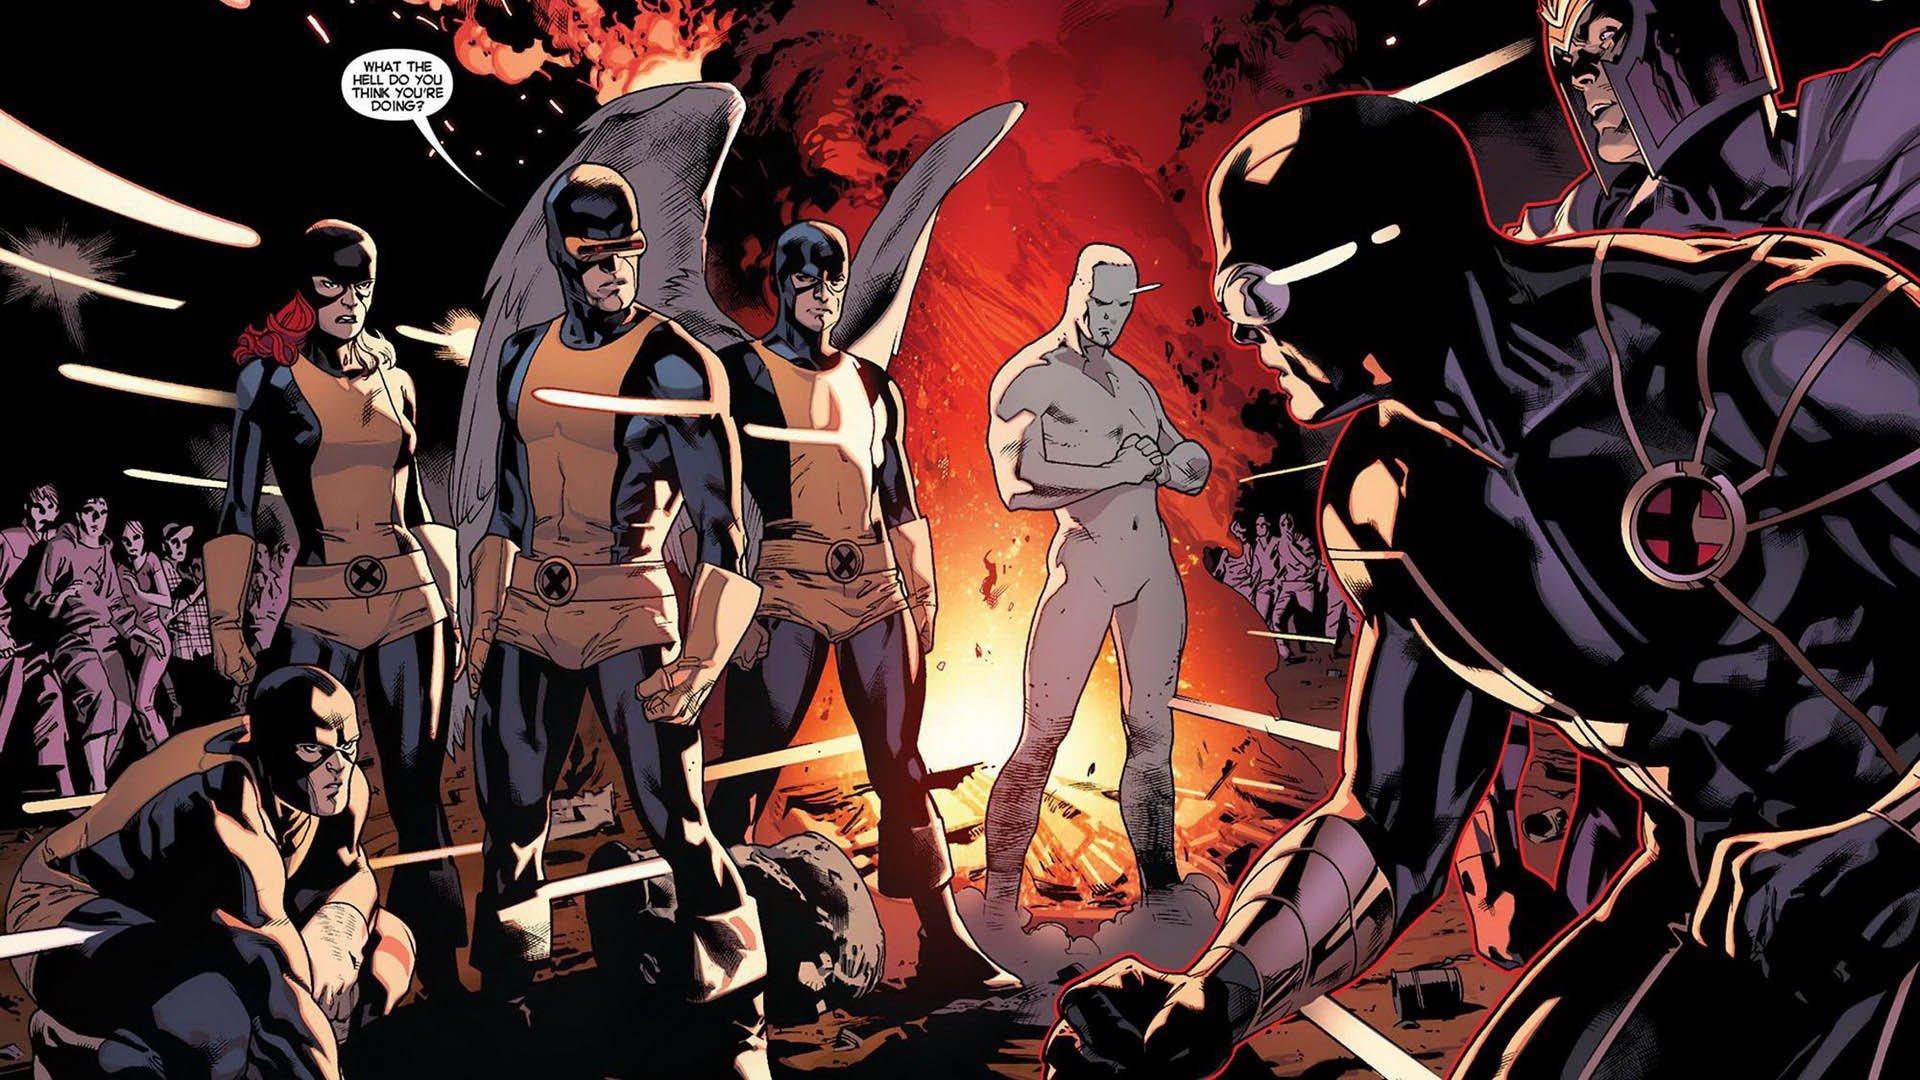 شرکت مارول رویداد کمیکی Reign of X را برای دنیای مردان ایکس معرفی کرد